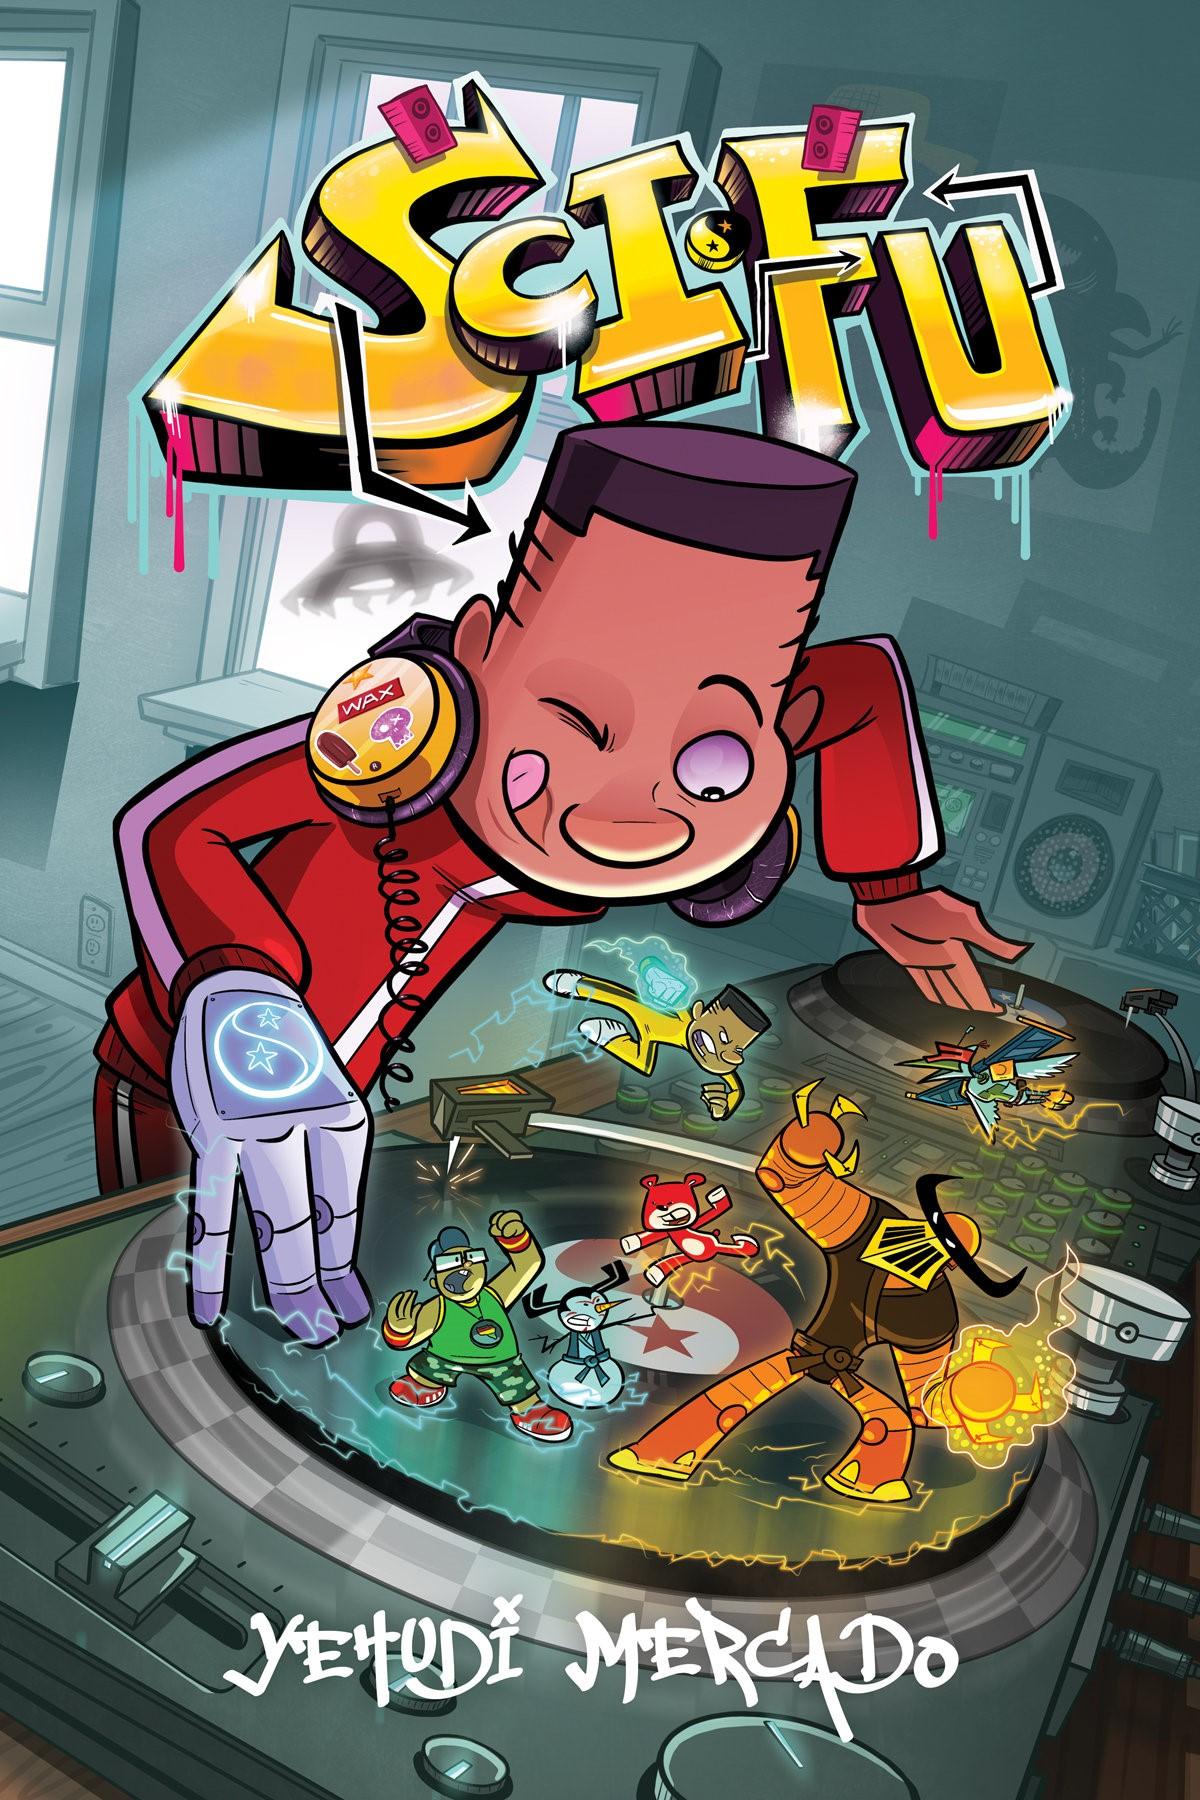 Sci-Fu  by Yehudi Mercado